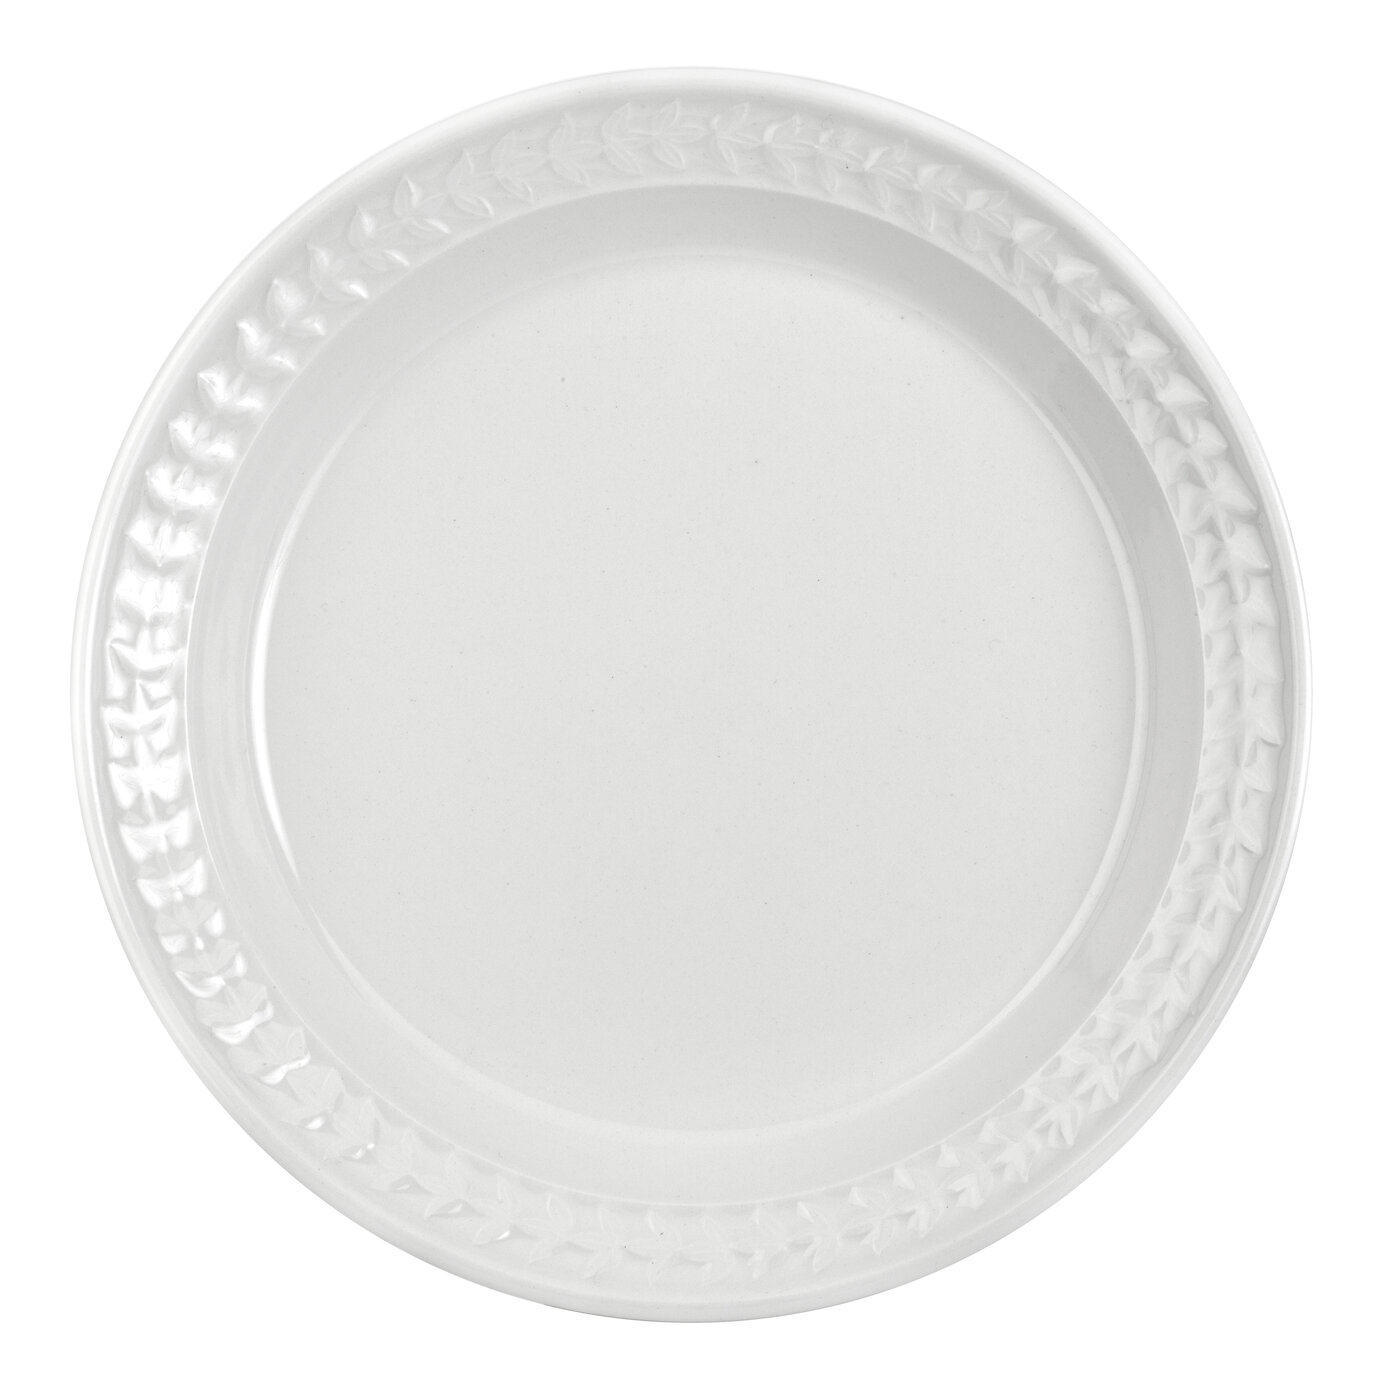 포트메리온 '보타닉 가든 하모니' 샐러드 접시 Portmeirion Botanic Garden Harmony 8.5 Inch Salad Plate White